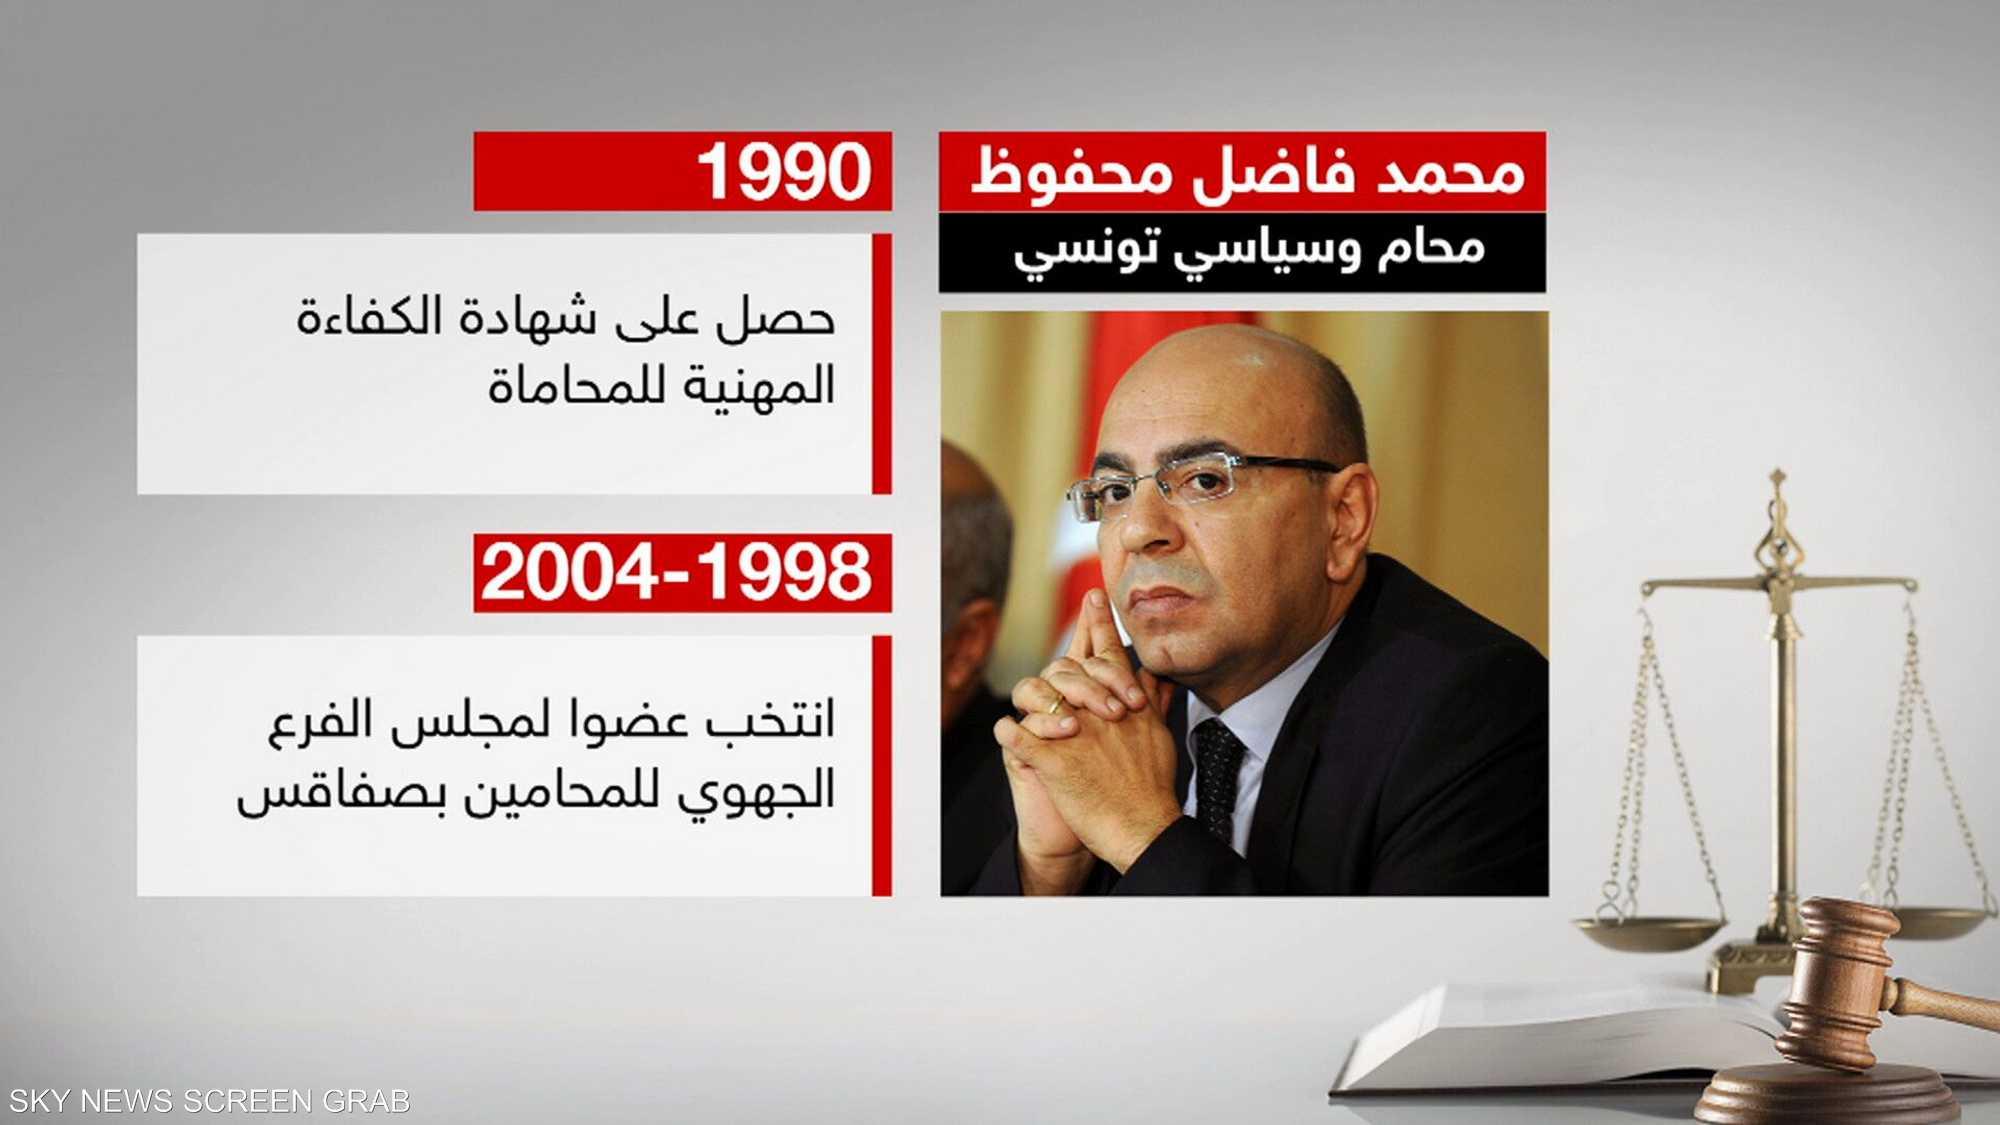 تونس بين مطرقة الأزمة السياسية وسندان الإرهاب